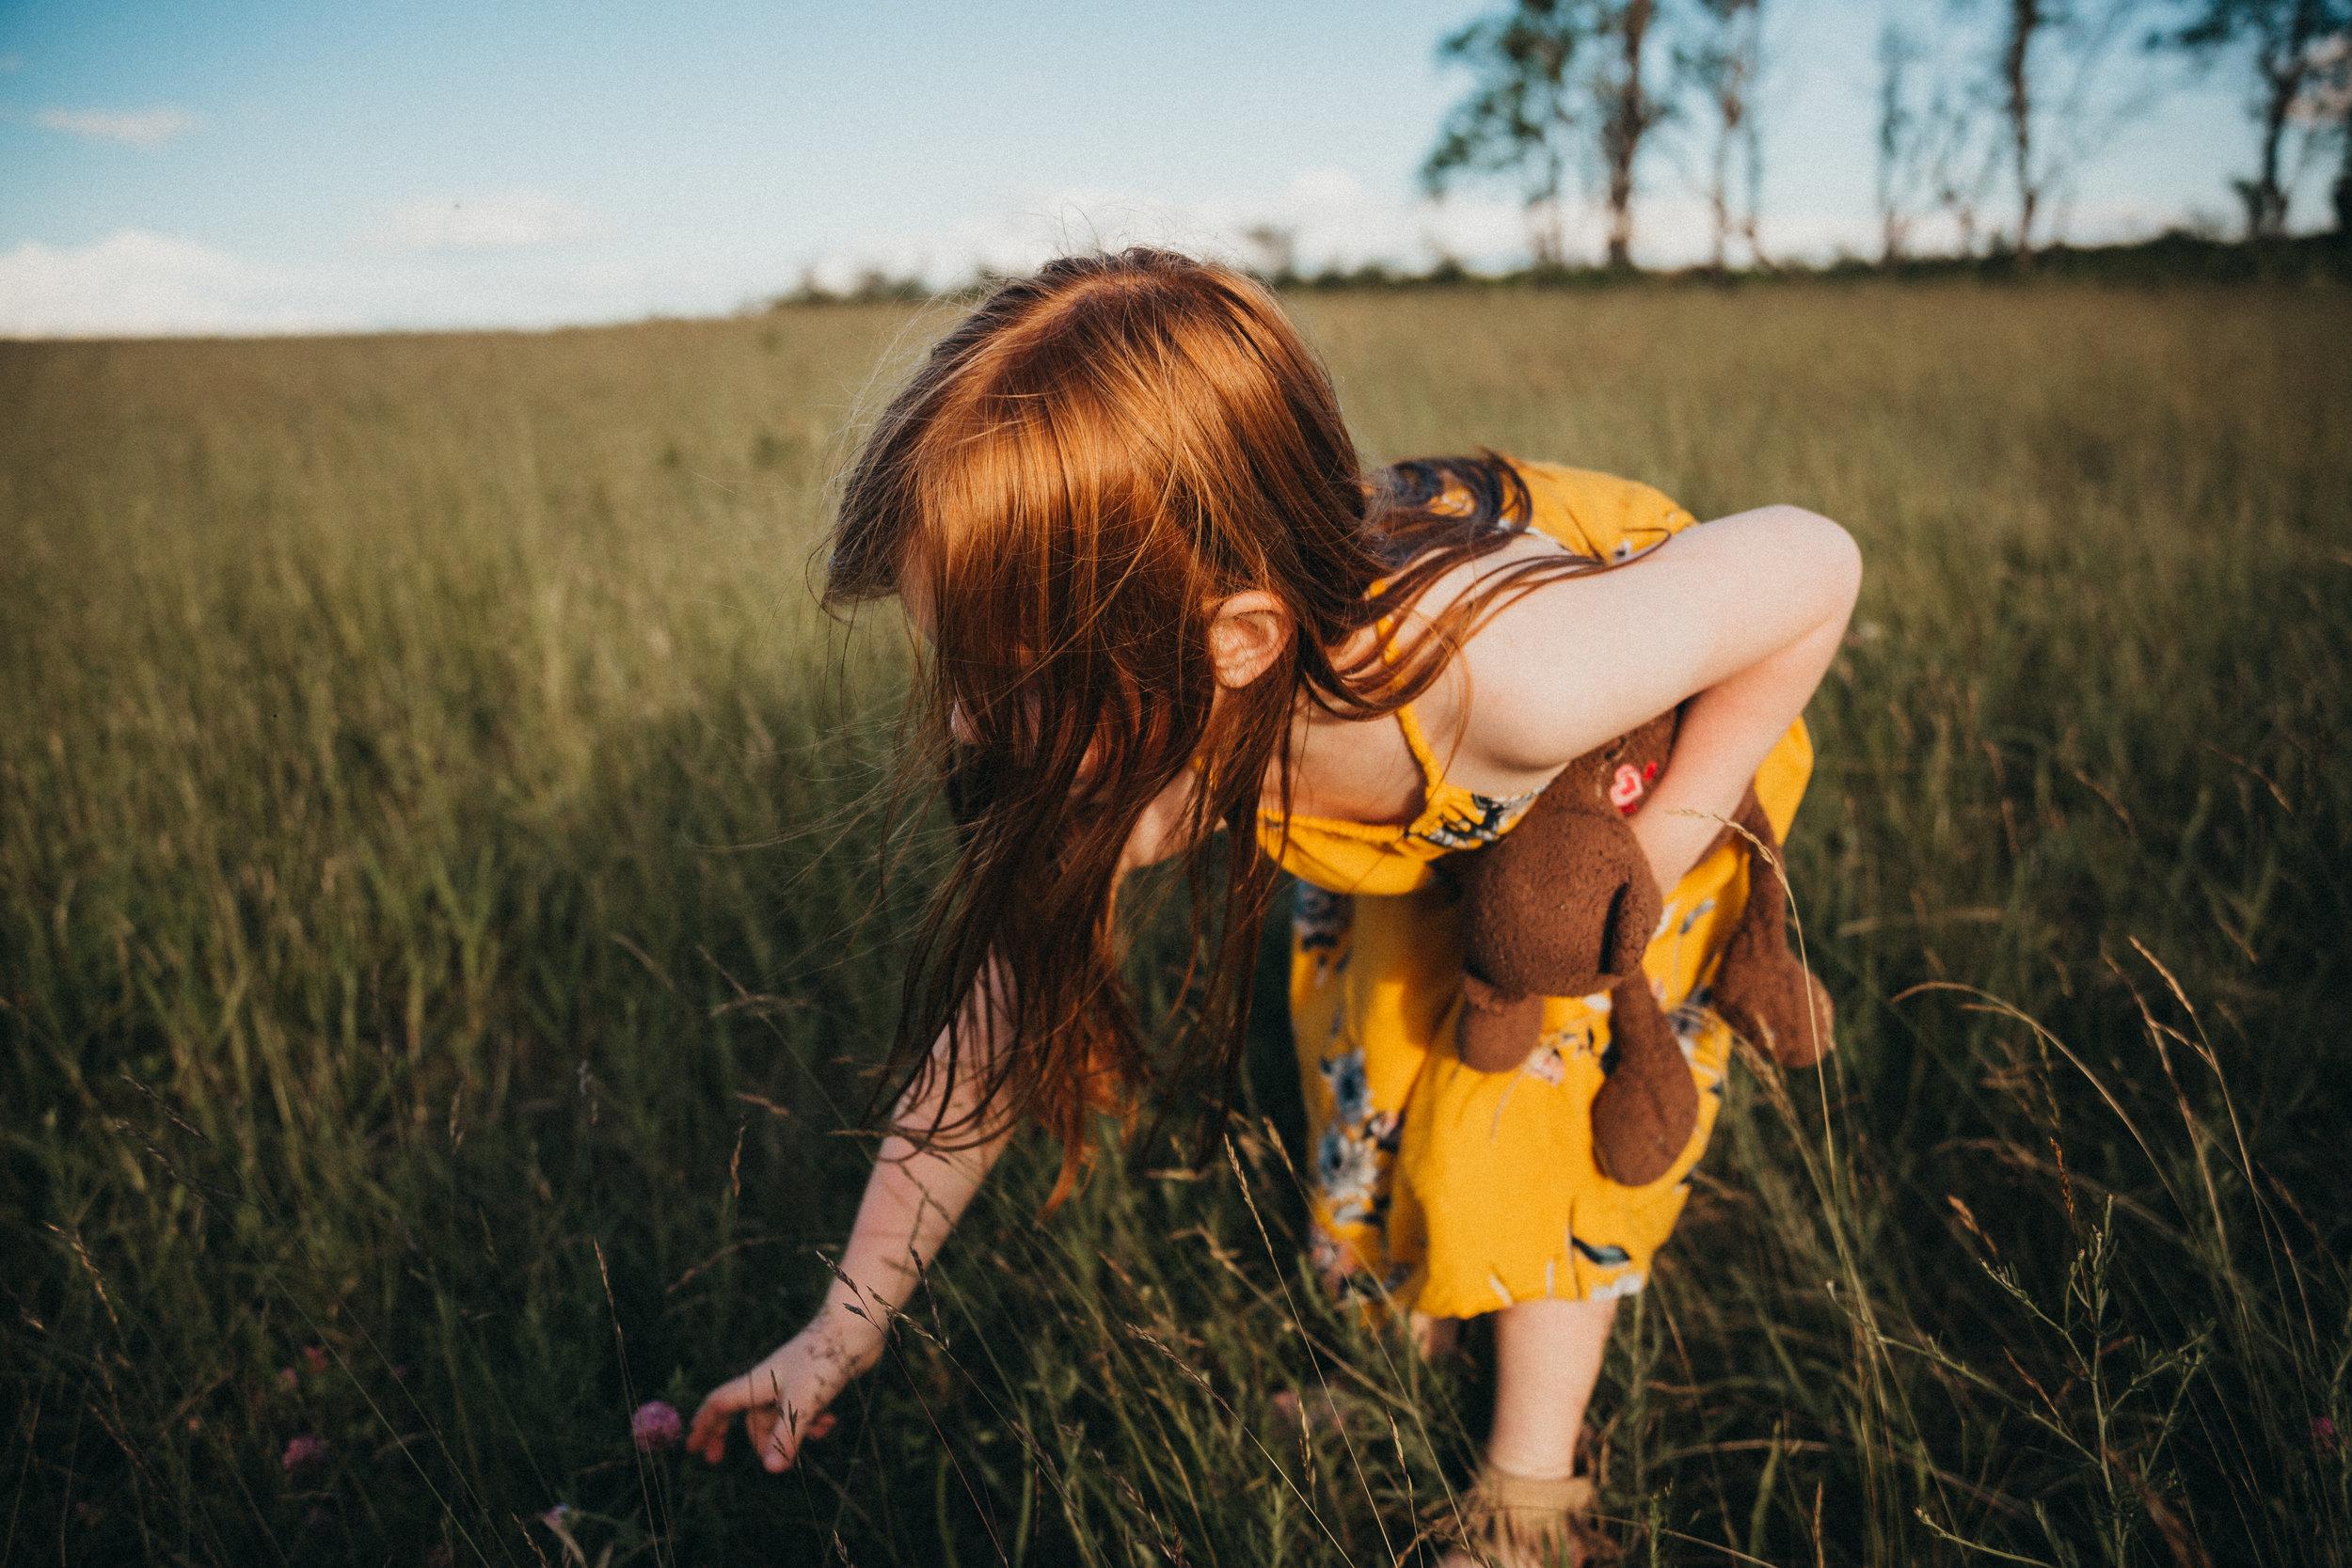 LaurenMcKeownPhotographyLLC-8484.jpg